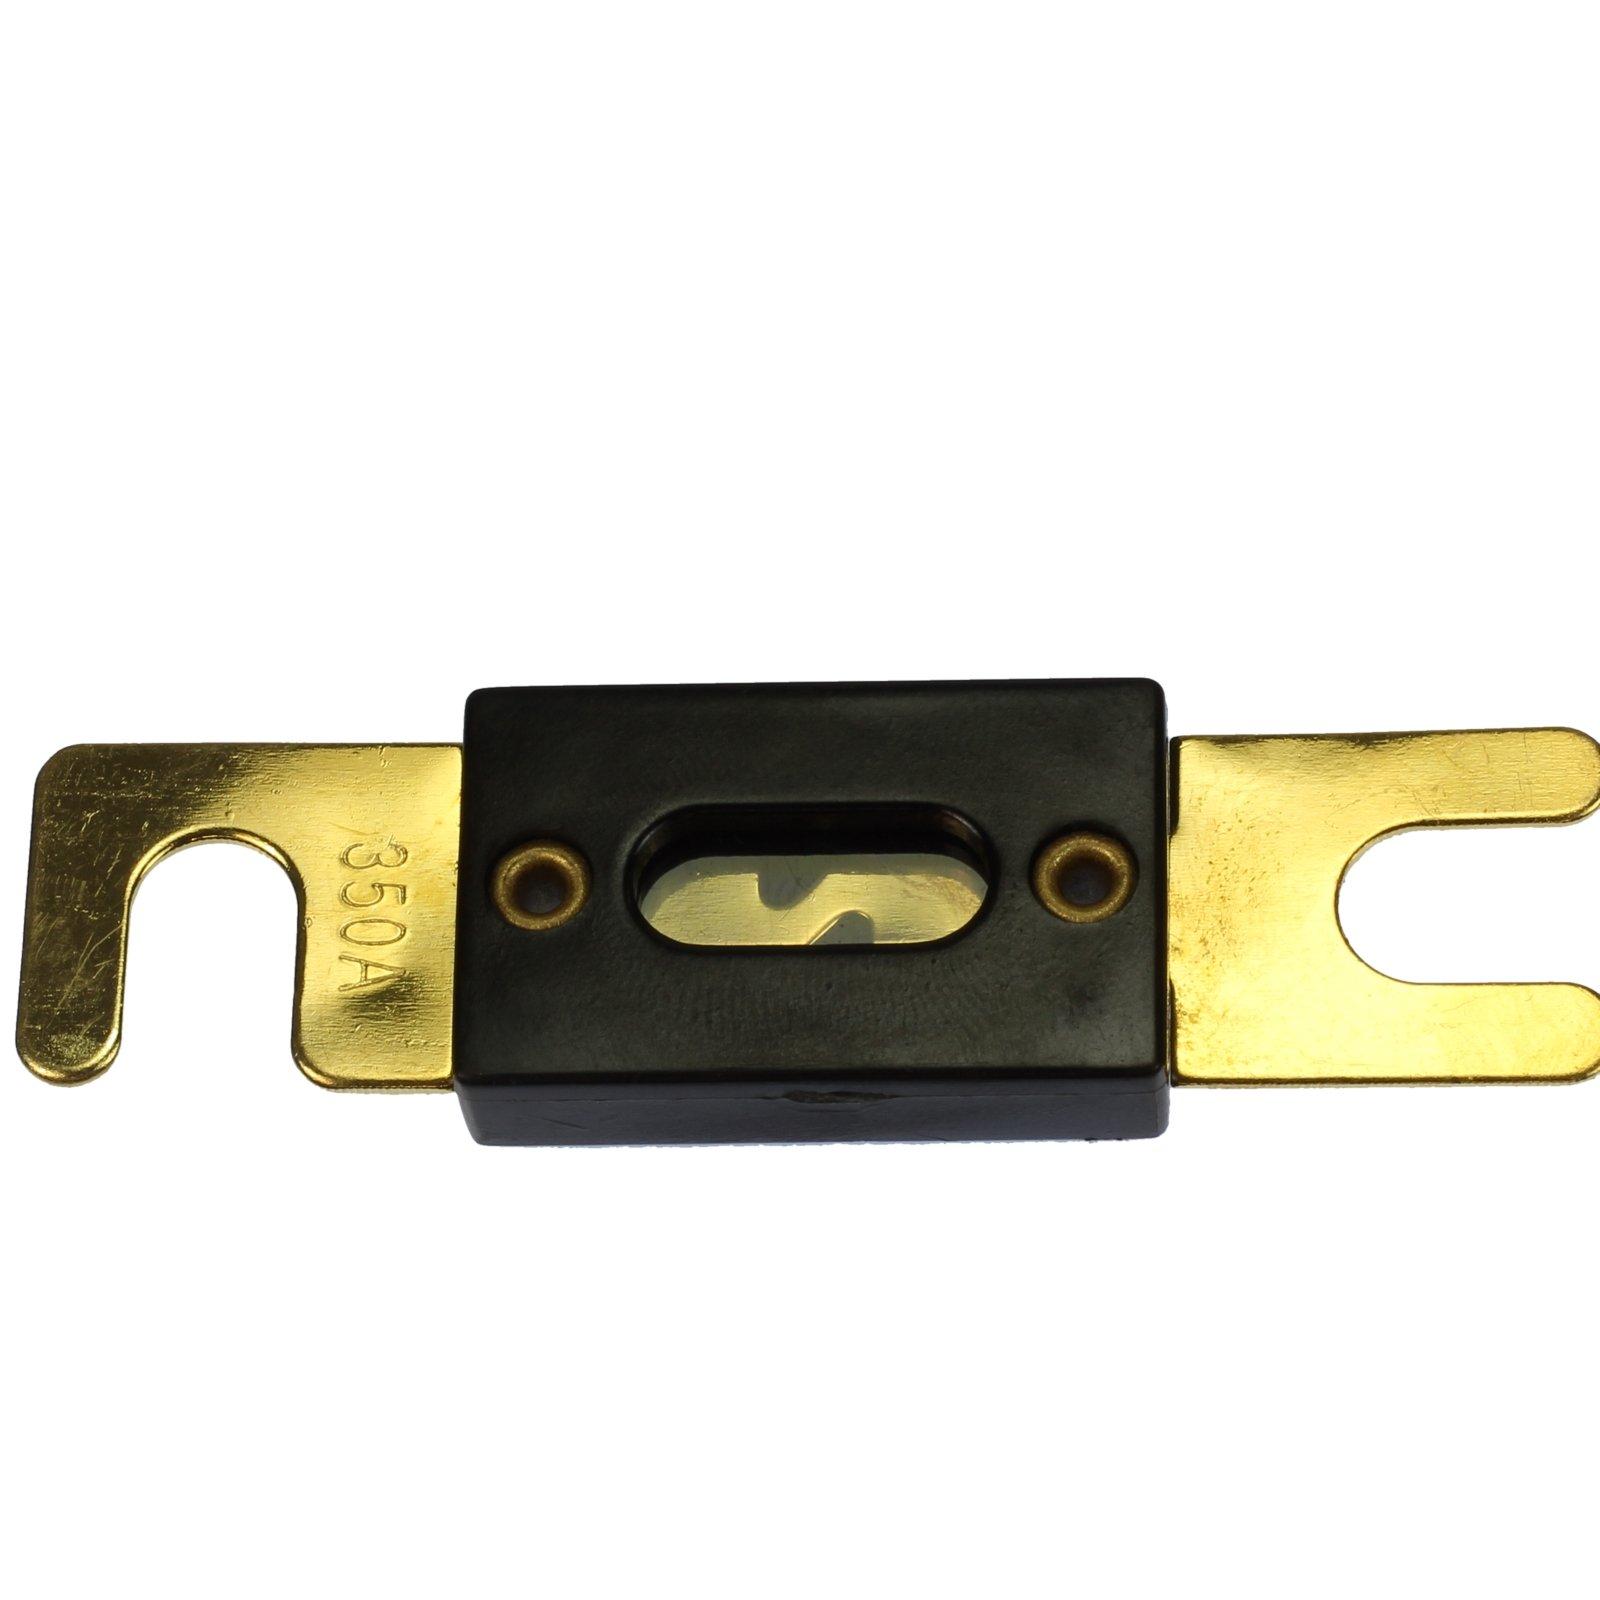 (1) 350 AMP ANL Fuse & (1) Inline Fuseholder Battery Install Kit 1/0 Gauge 1FT by 12voltnet (Image #8)